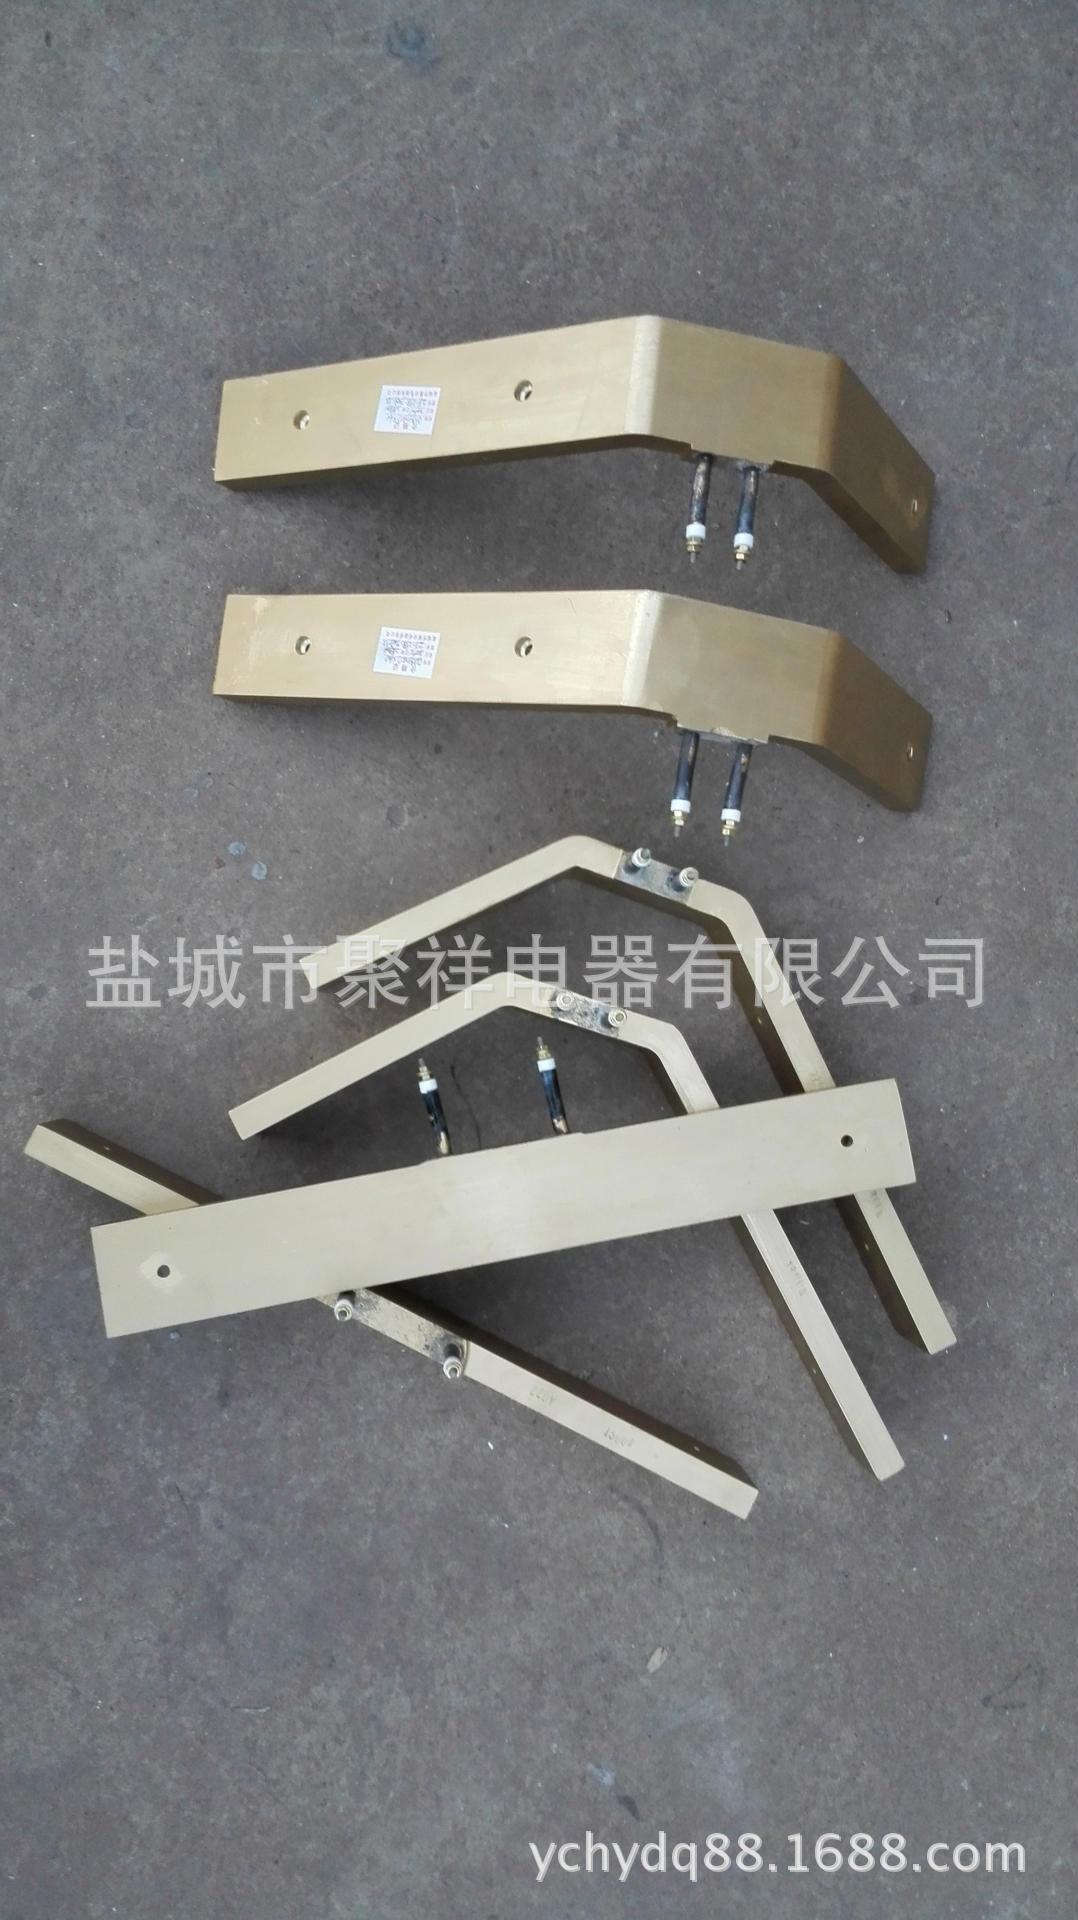 廠家直銷 鑄銅電加熱器  精加工鑄銅加熱塊